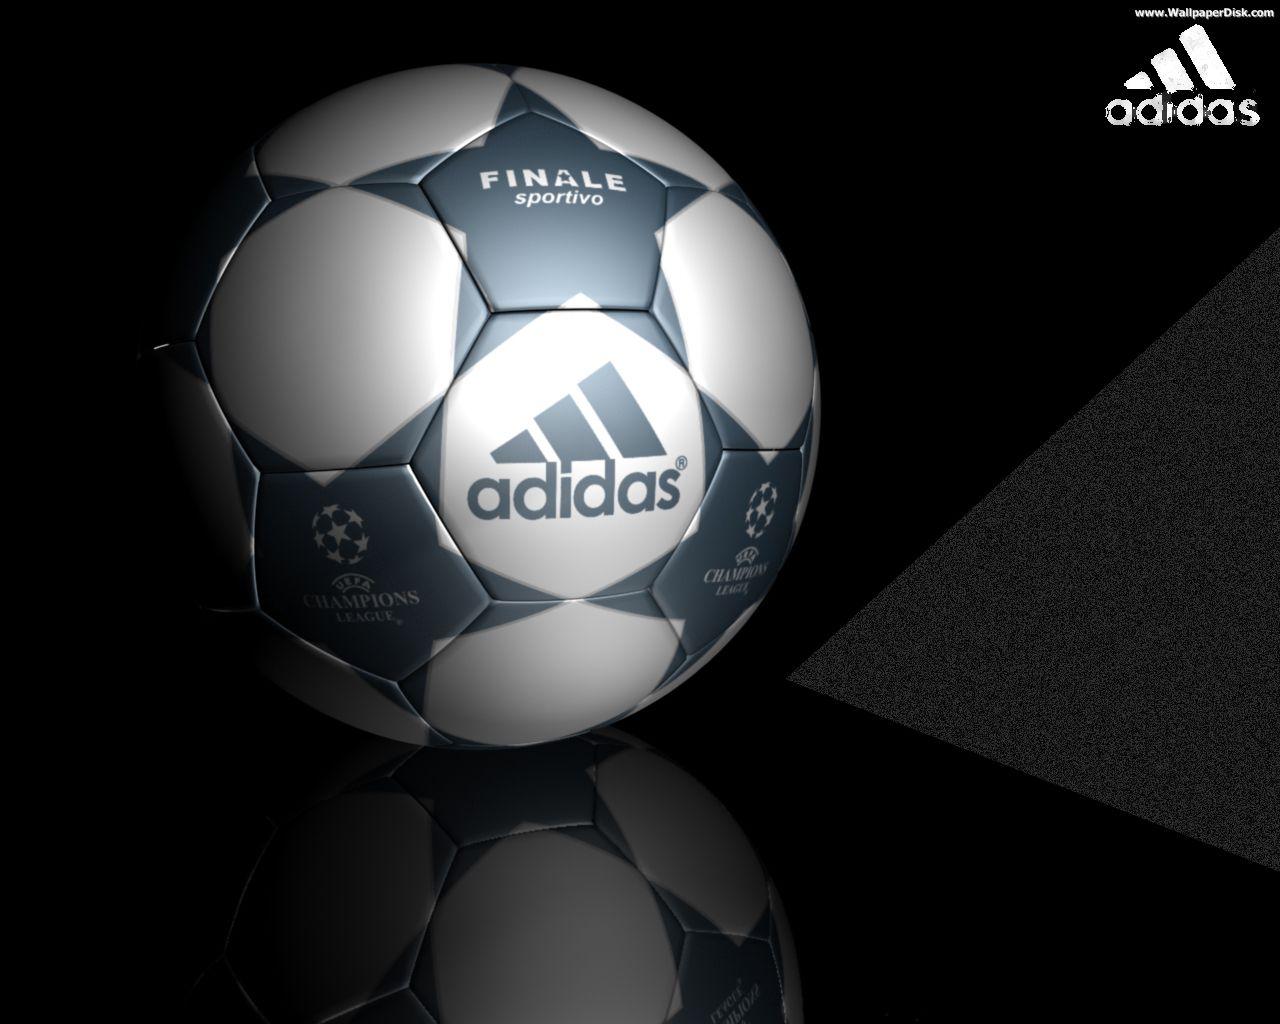 Adidas, фото, обои для рабочего стола, мяч, футбол